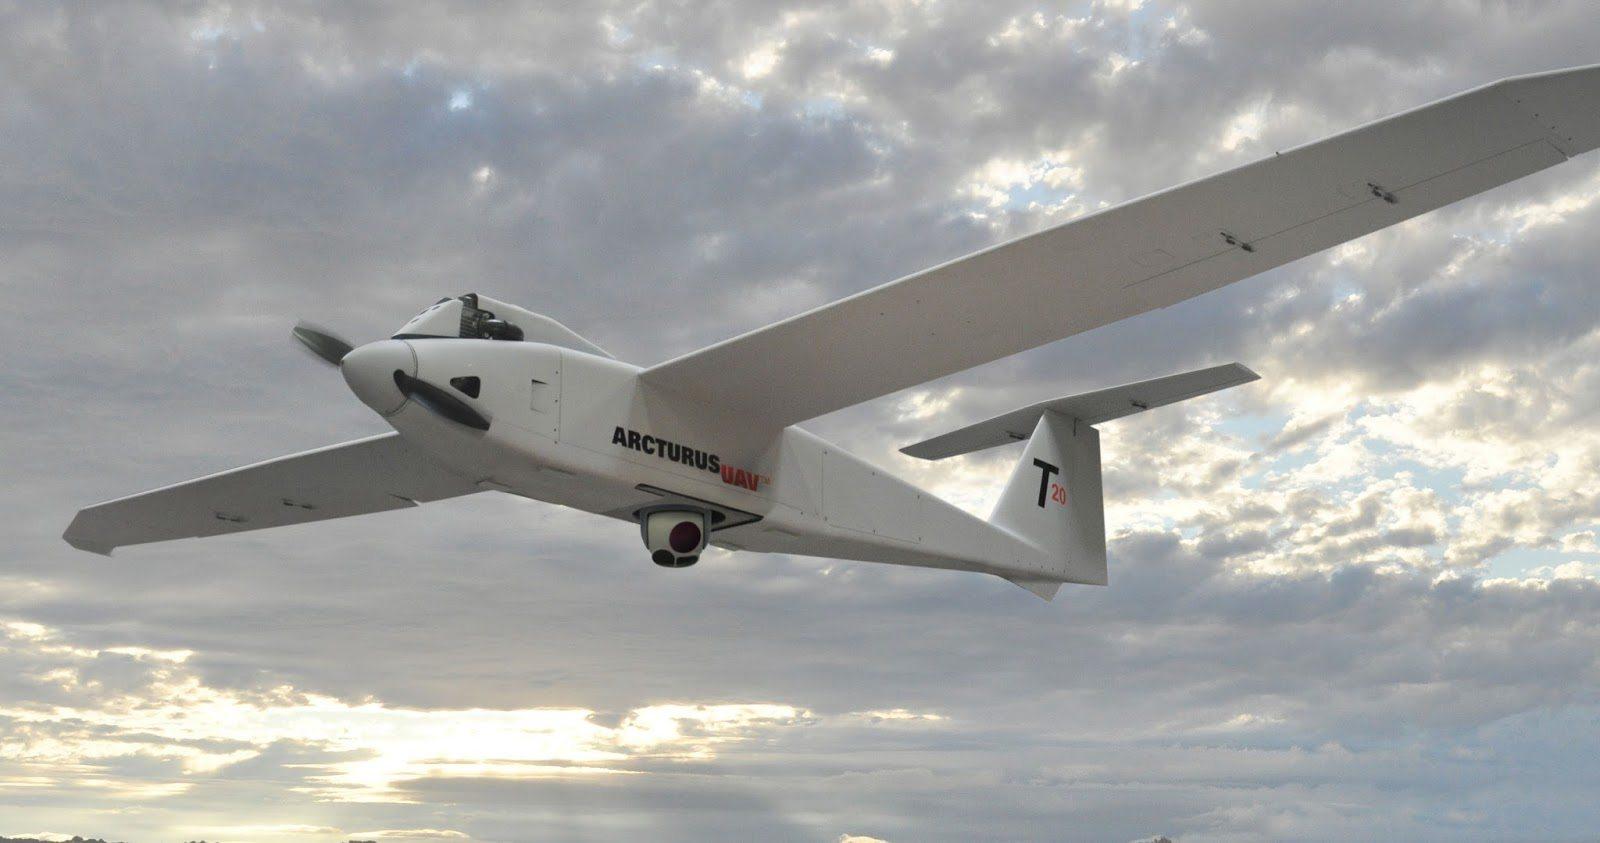 Arcturus_T-20_UAV